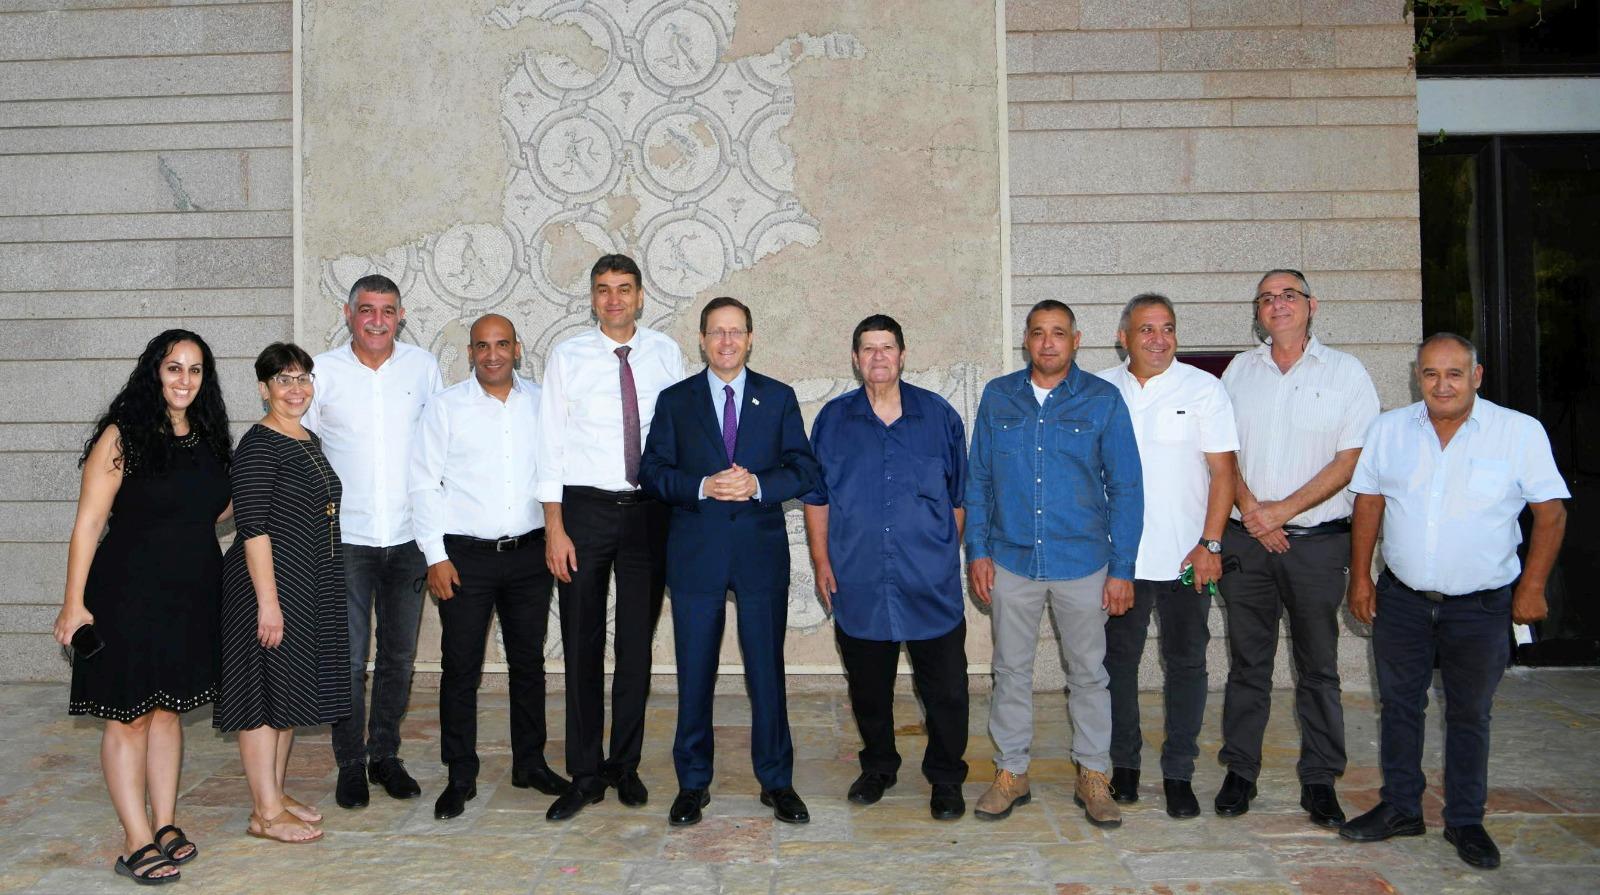 הנשיא הרצוג עם הנהגת ההתיישבות העובדת והחקלאות. צילום: עמוס בן גרשום, לע״מ